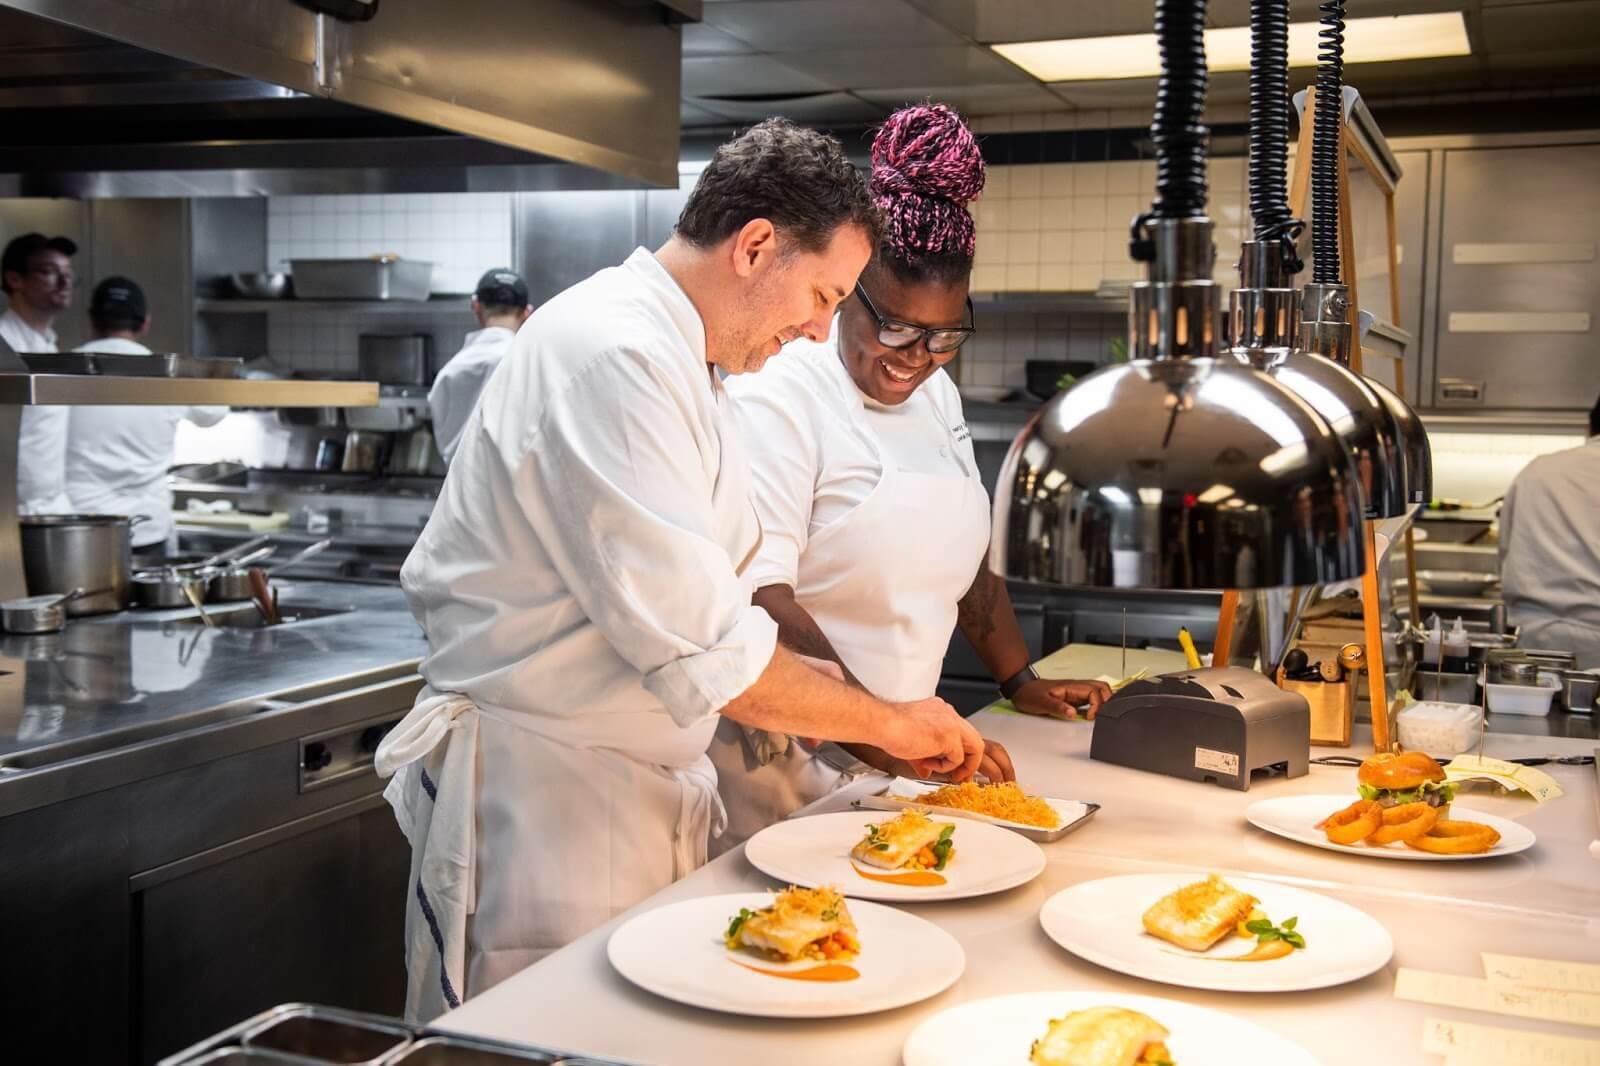 Work ethic in a restaurant team